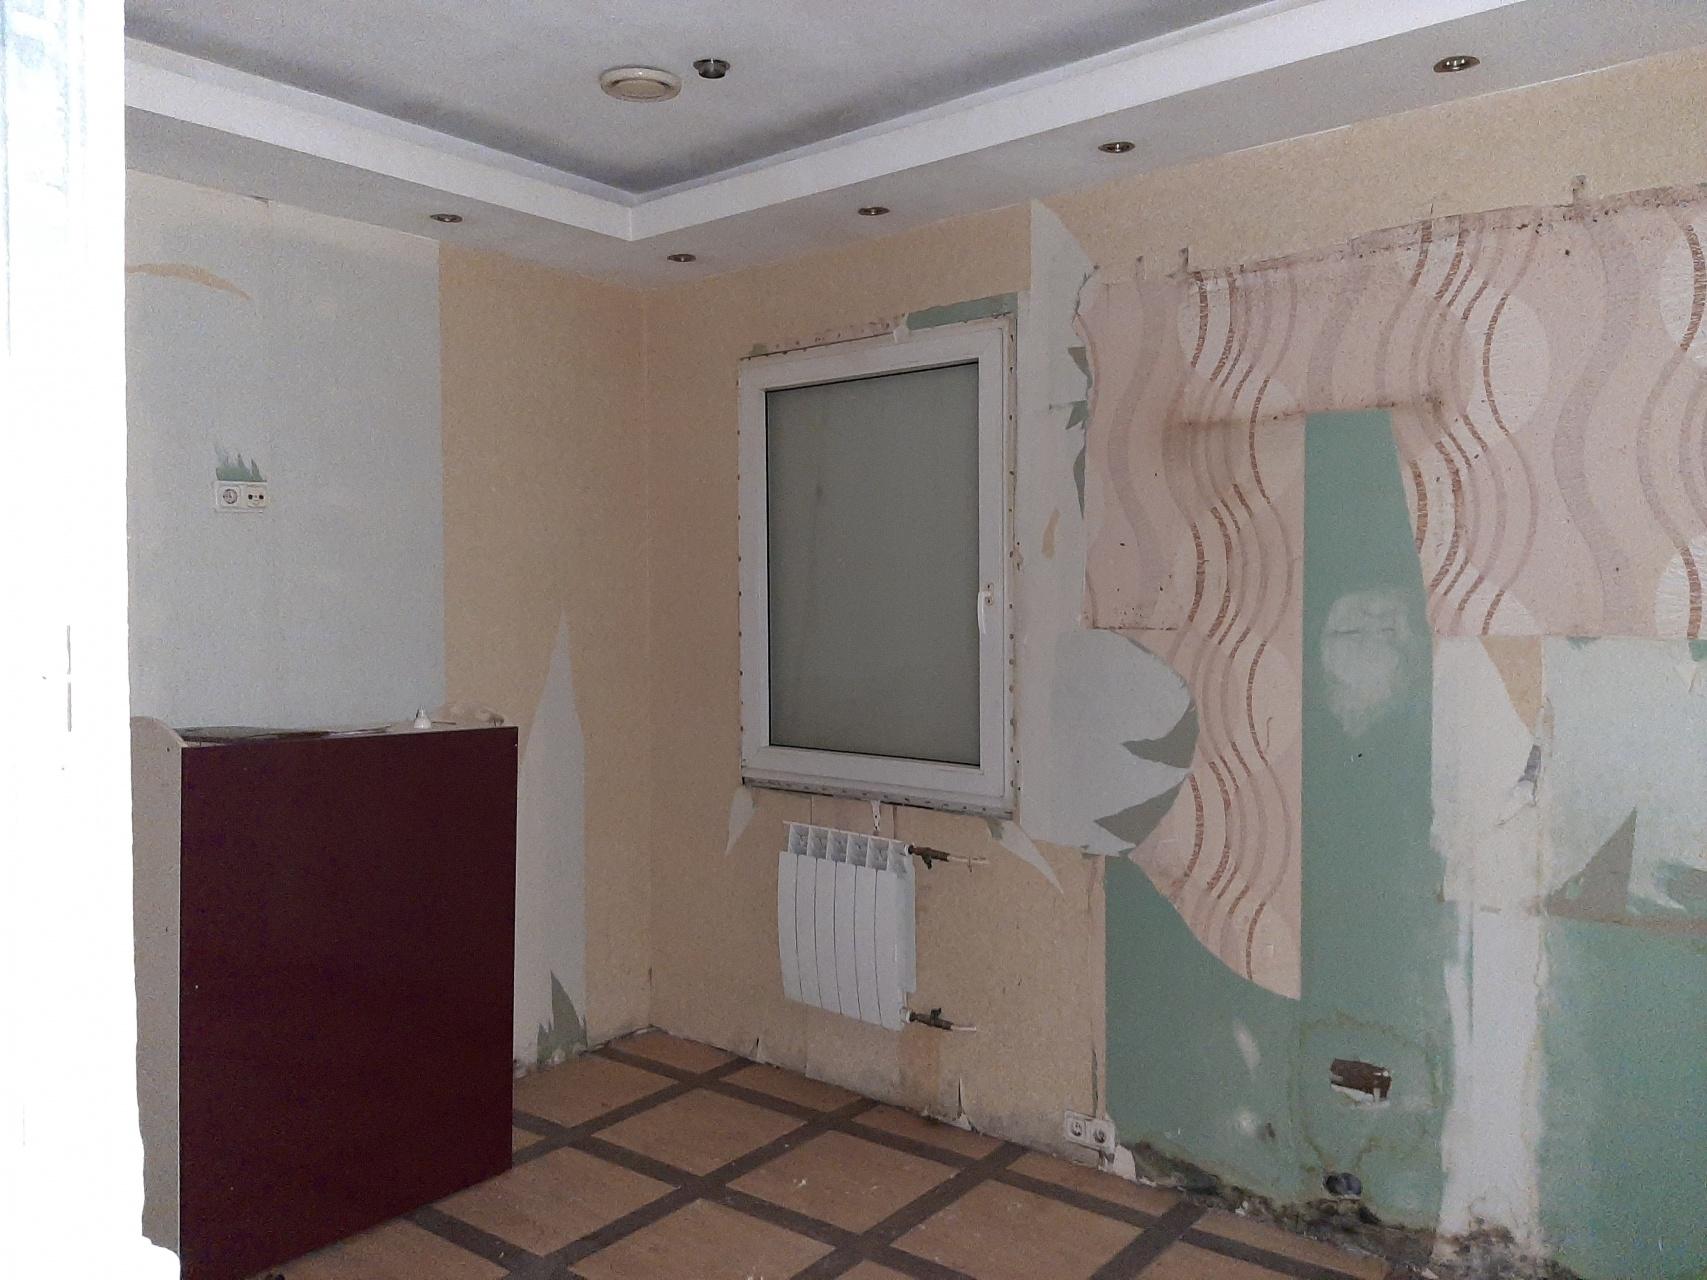 Сдам офисное помещение 60 м2, Вознесенский пр-кт, 51А, Санкт-Петербург г